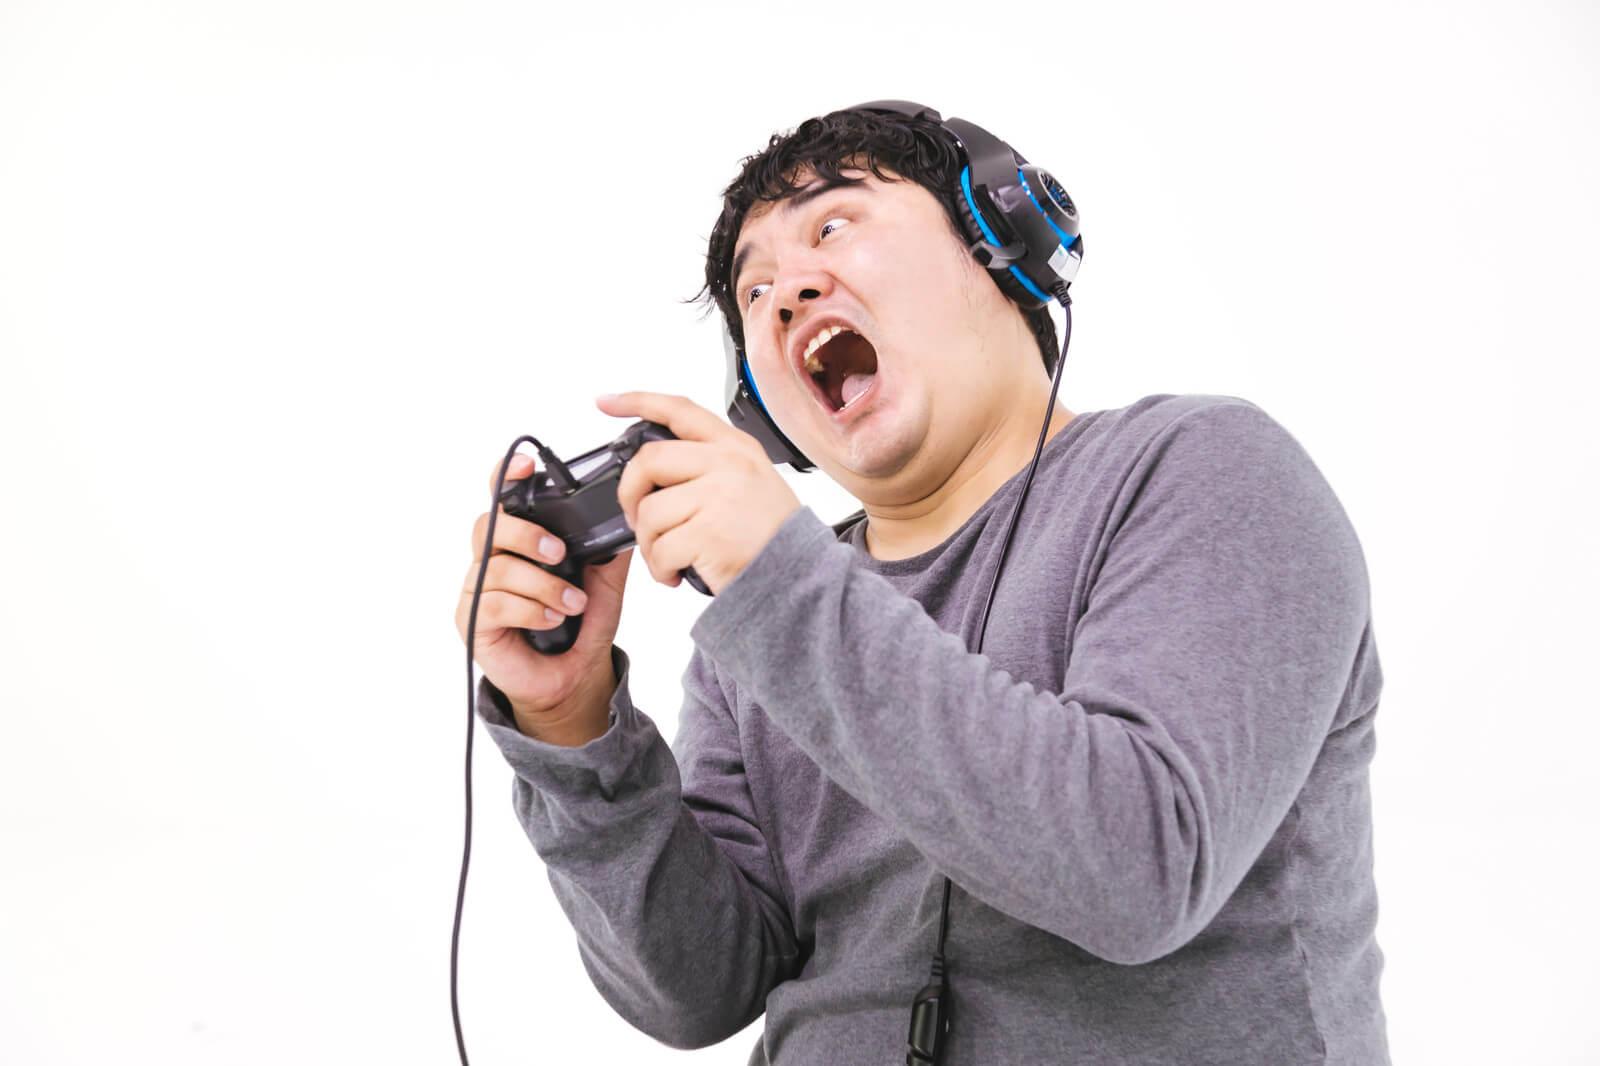 ゲーム実況中の男性